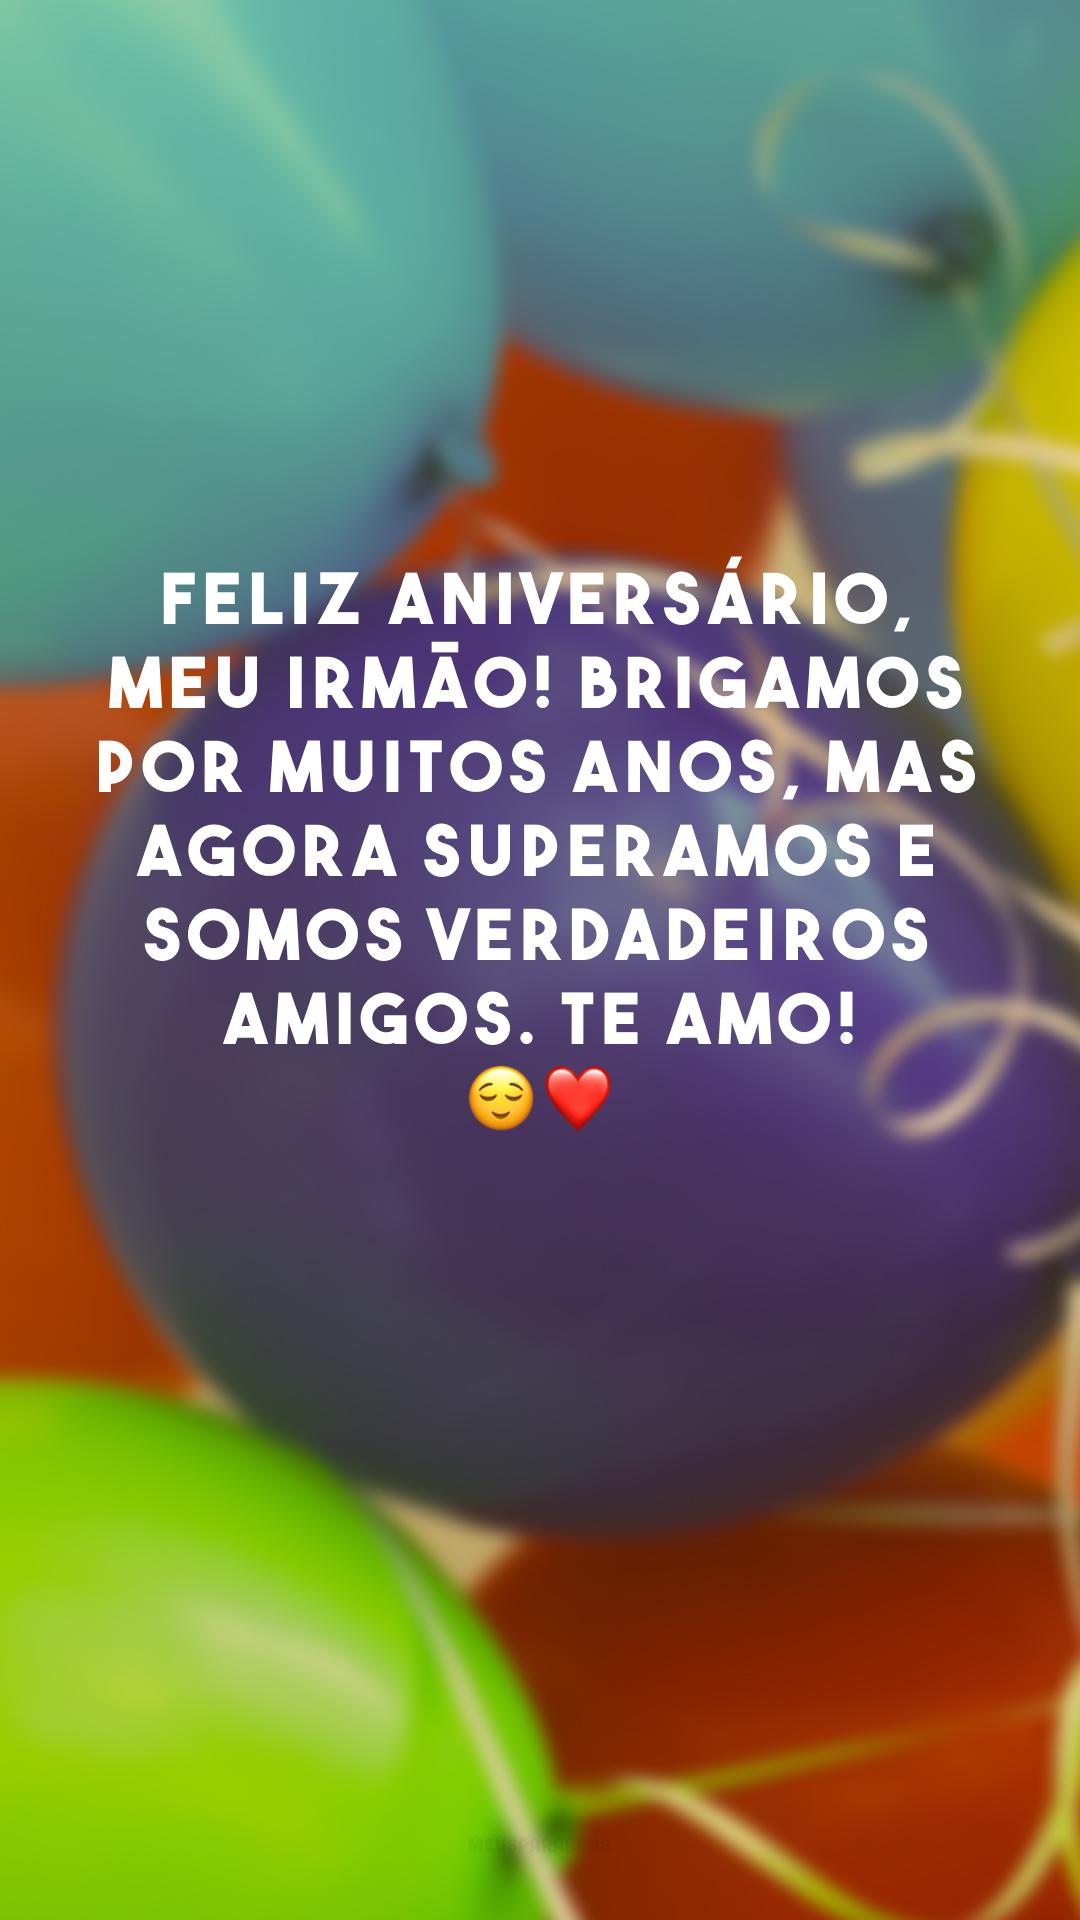 Feliz aniversário, meu irmão! Brigamos por muitos anos, mas agora superamos e somos verdadeiros amigos. Te amo! ?❤